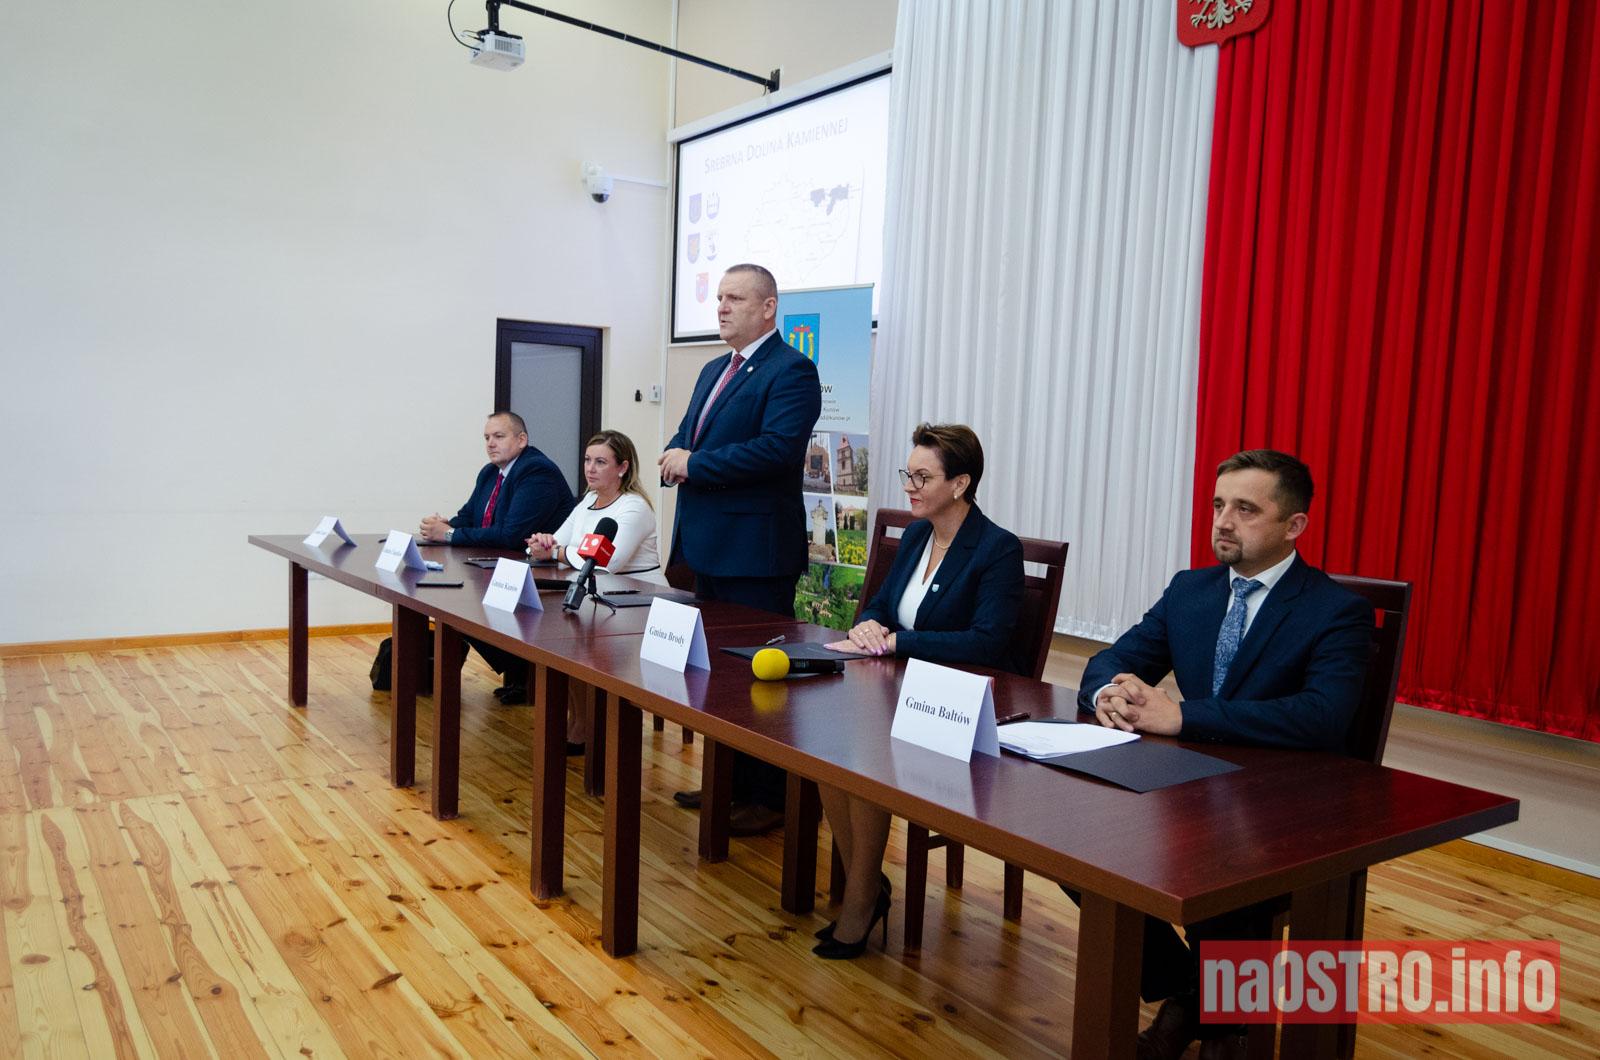 NaOSTROinfo Porozumienie Kamienna Srebrna-1009